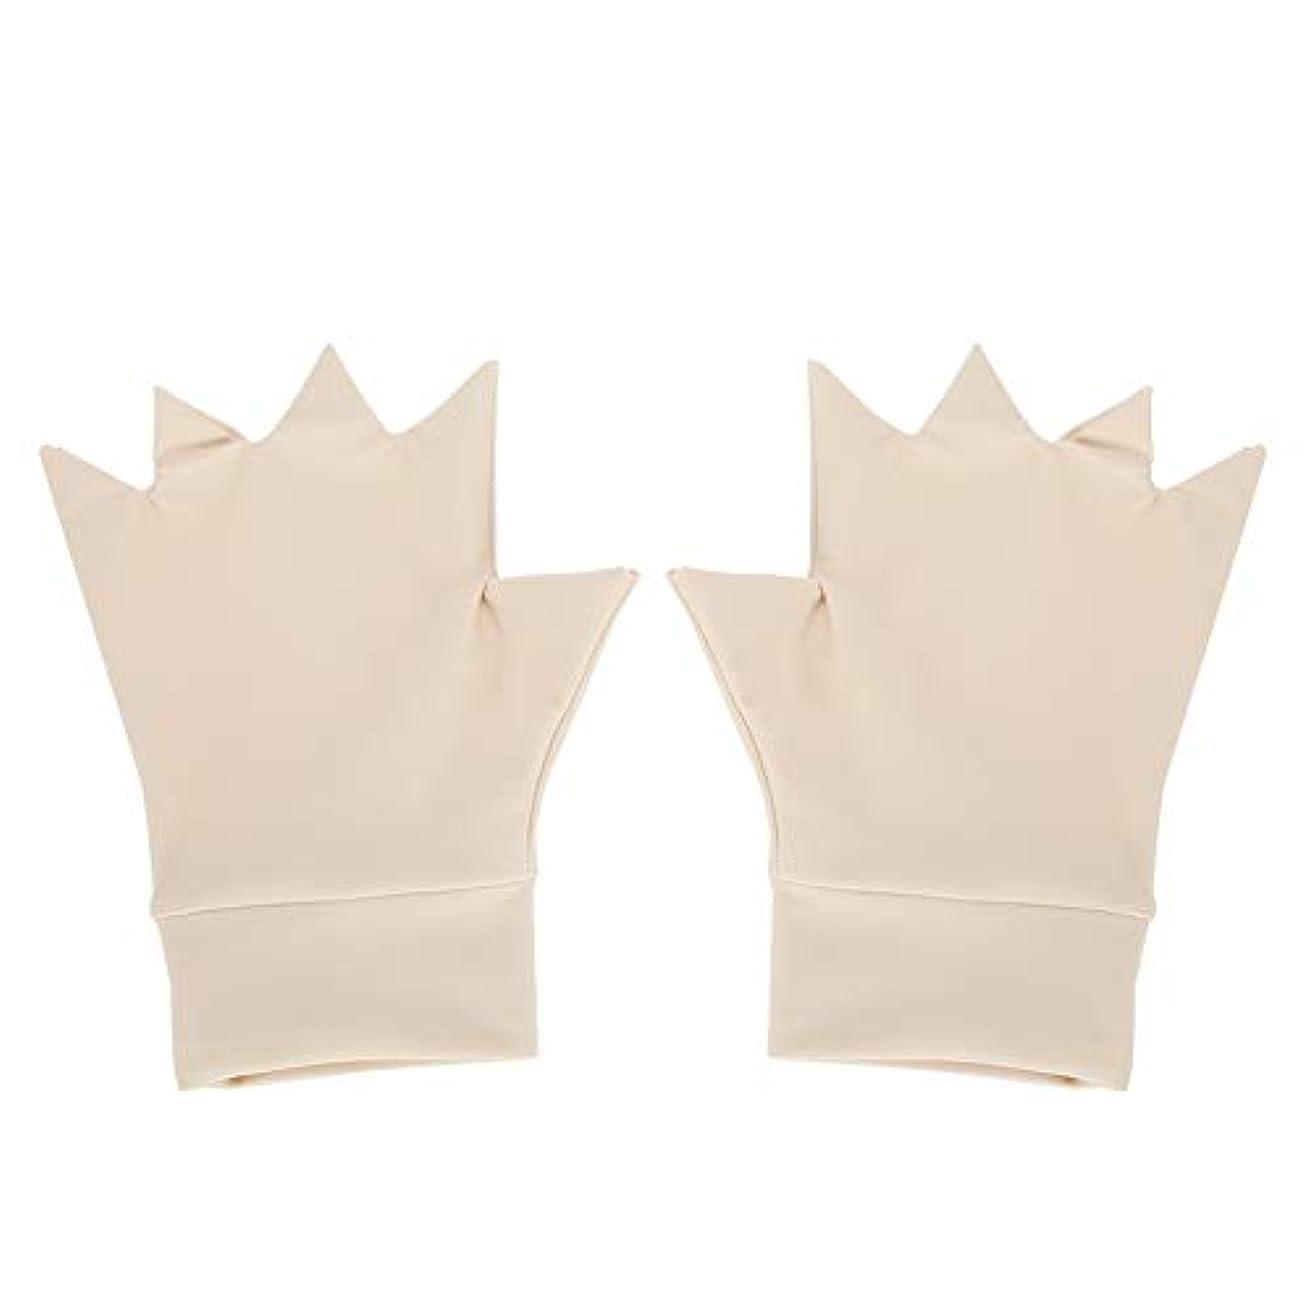 硬さ慎重突き出す抗関節炎の手袋、抗関節炎のヘルスケアの手袋の圧縮療法のリウマチの痛み